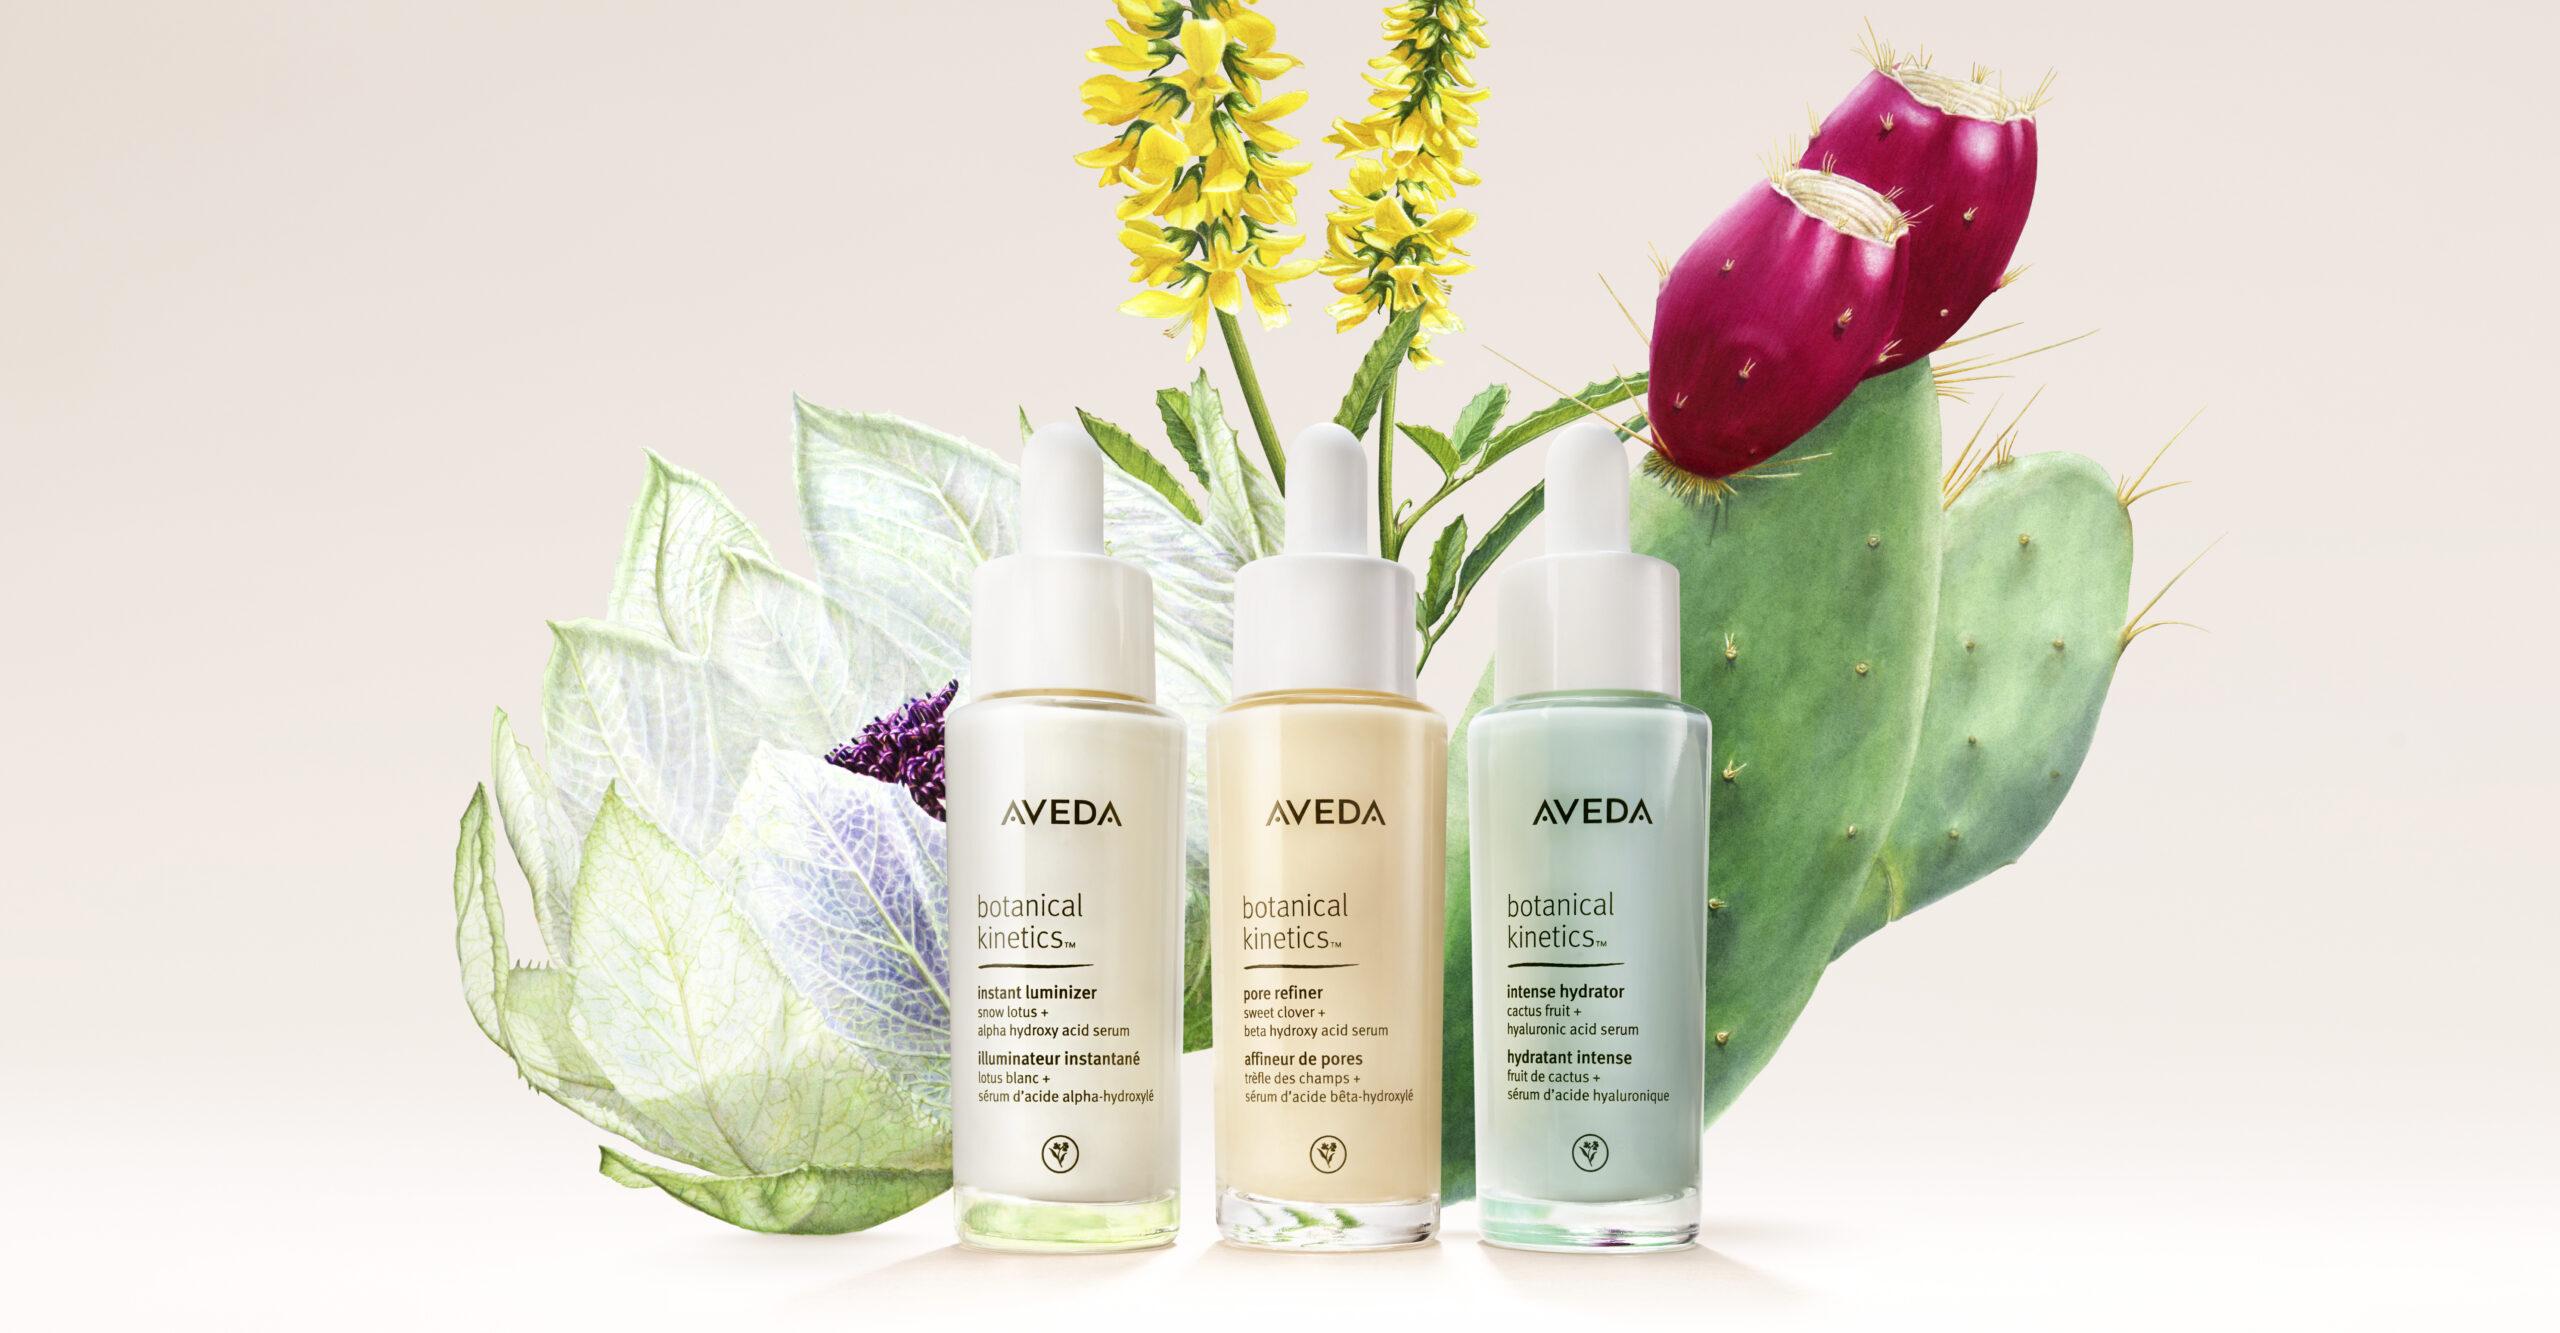 AVEDA 草本護膚改善皮膚問題